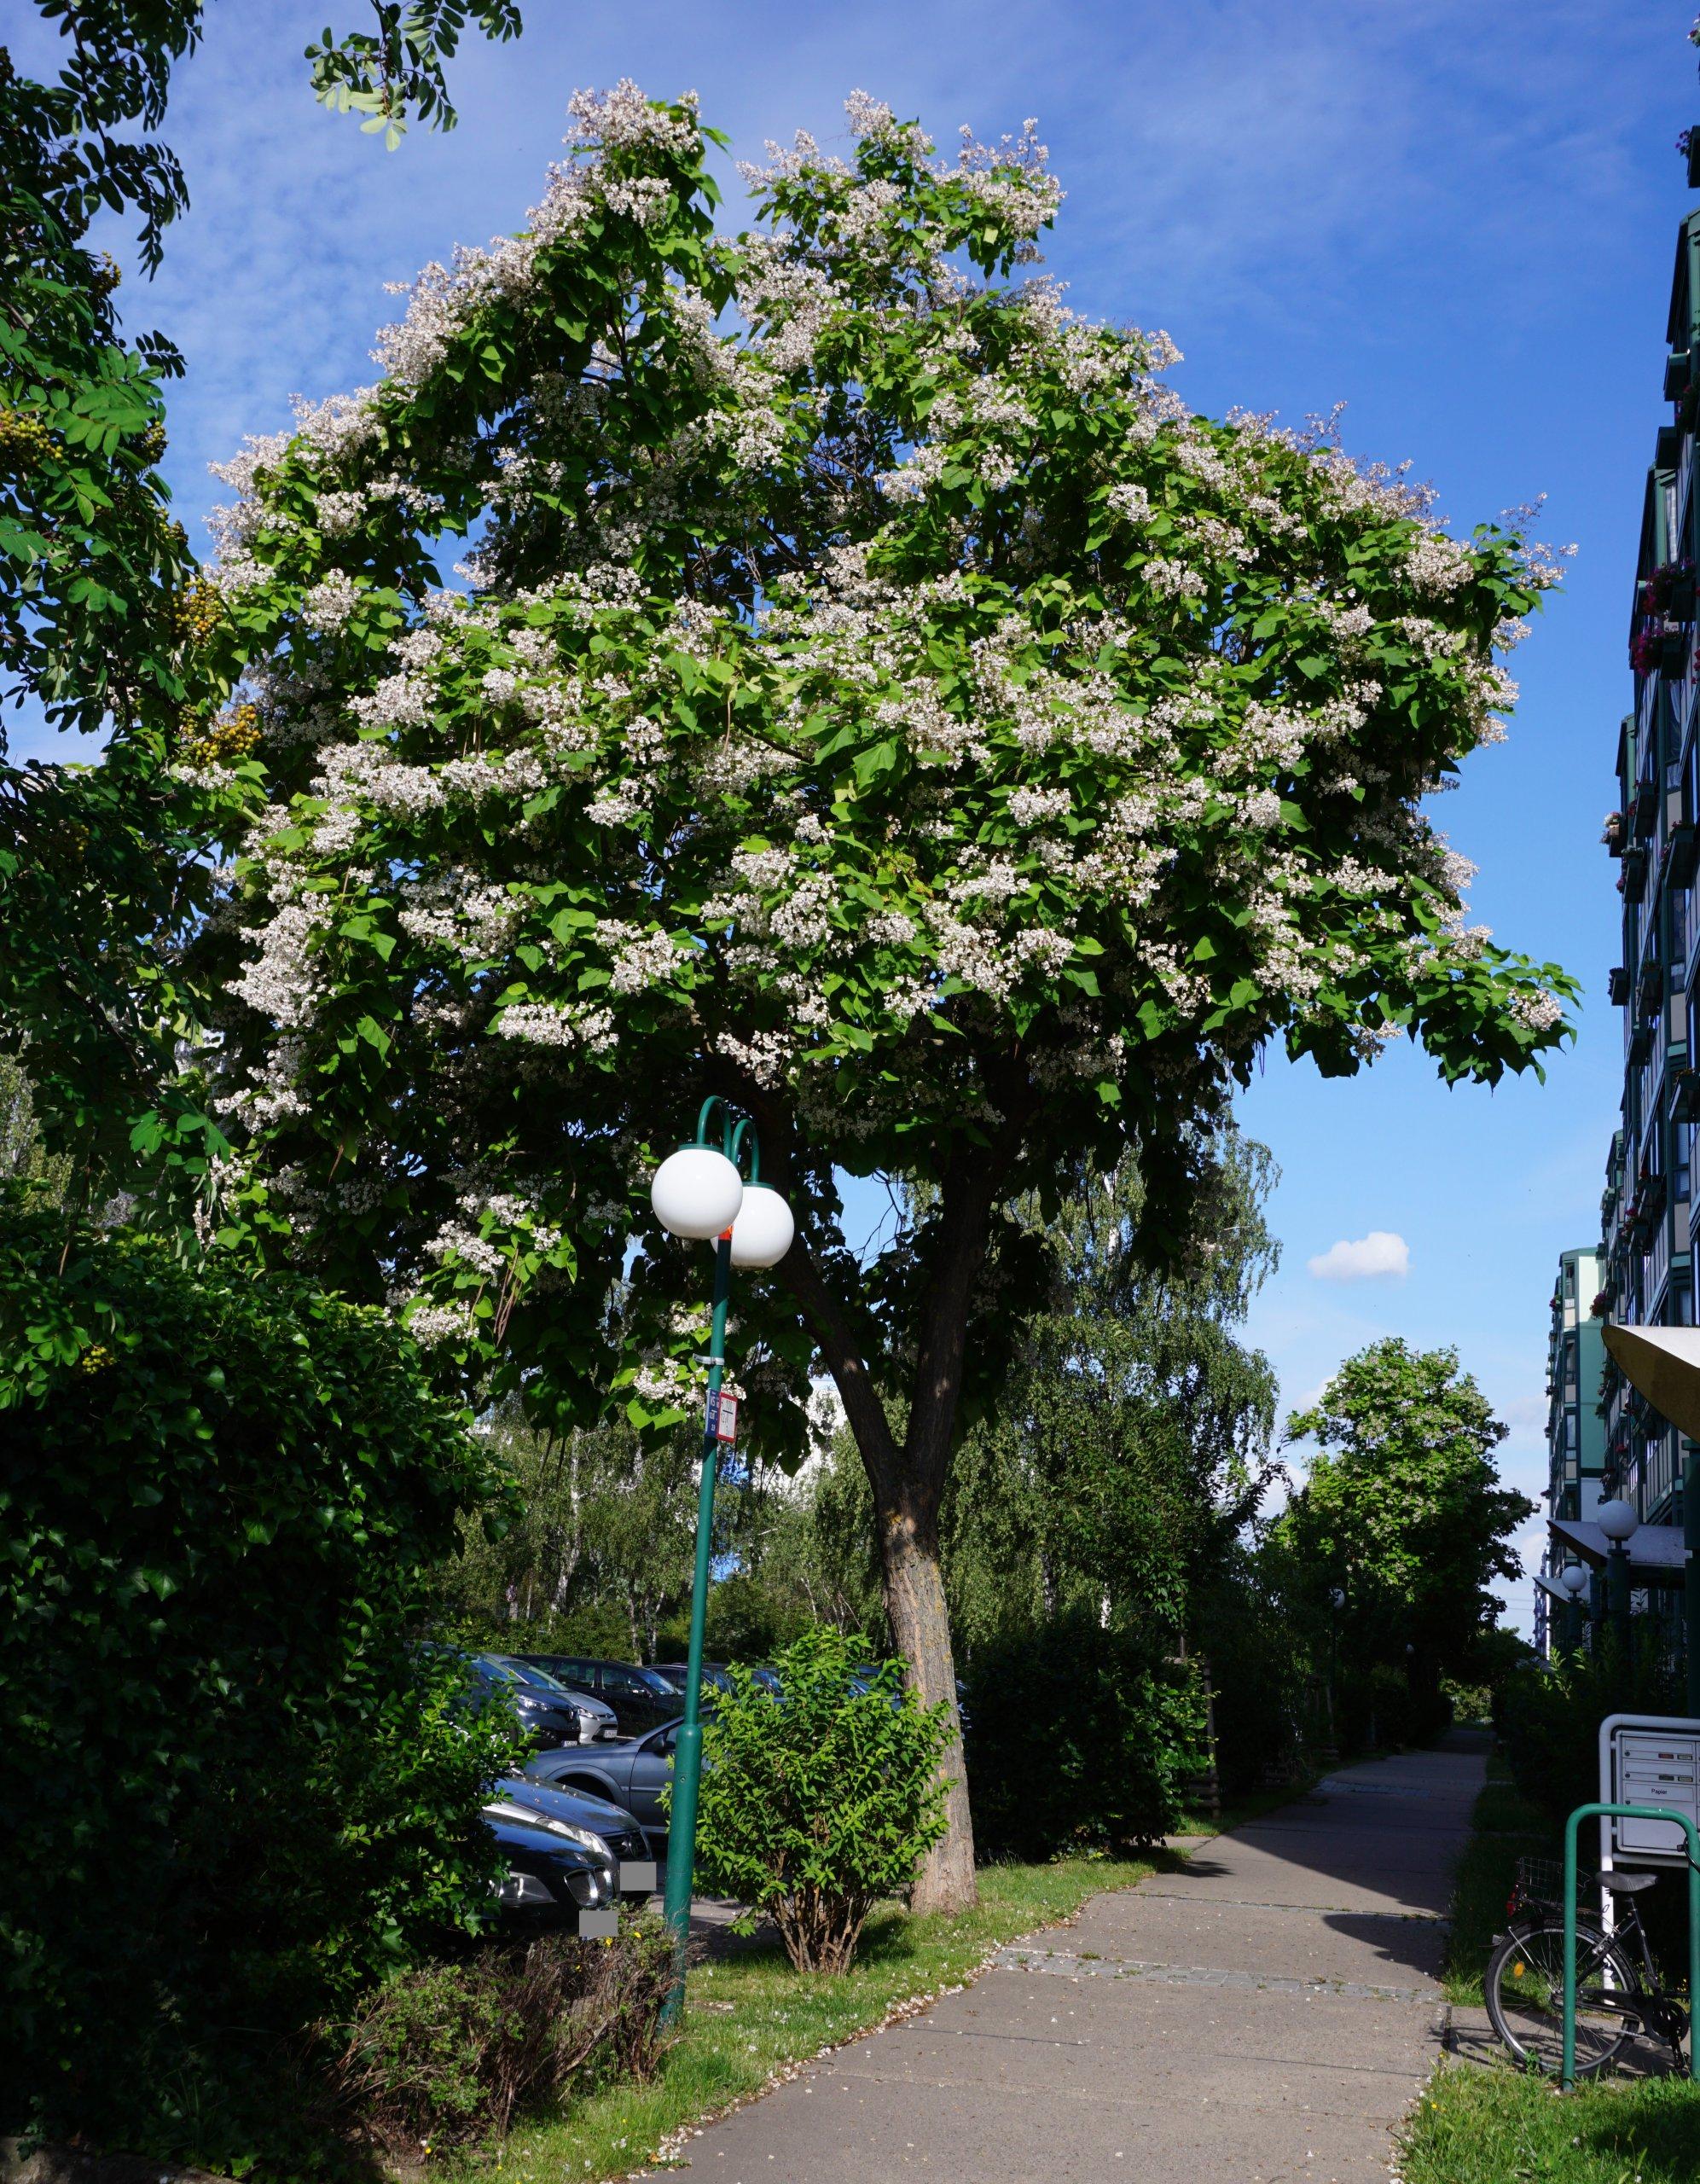 Das Bild zeigt einen Trompetenbaum in voller Blüte am Ostende der Venusstraße im Kosmosviertel.